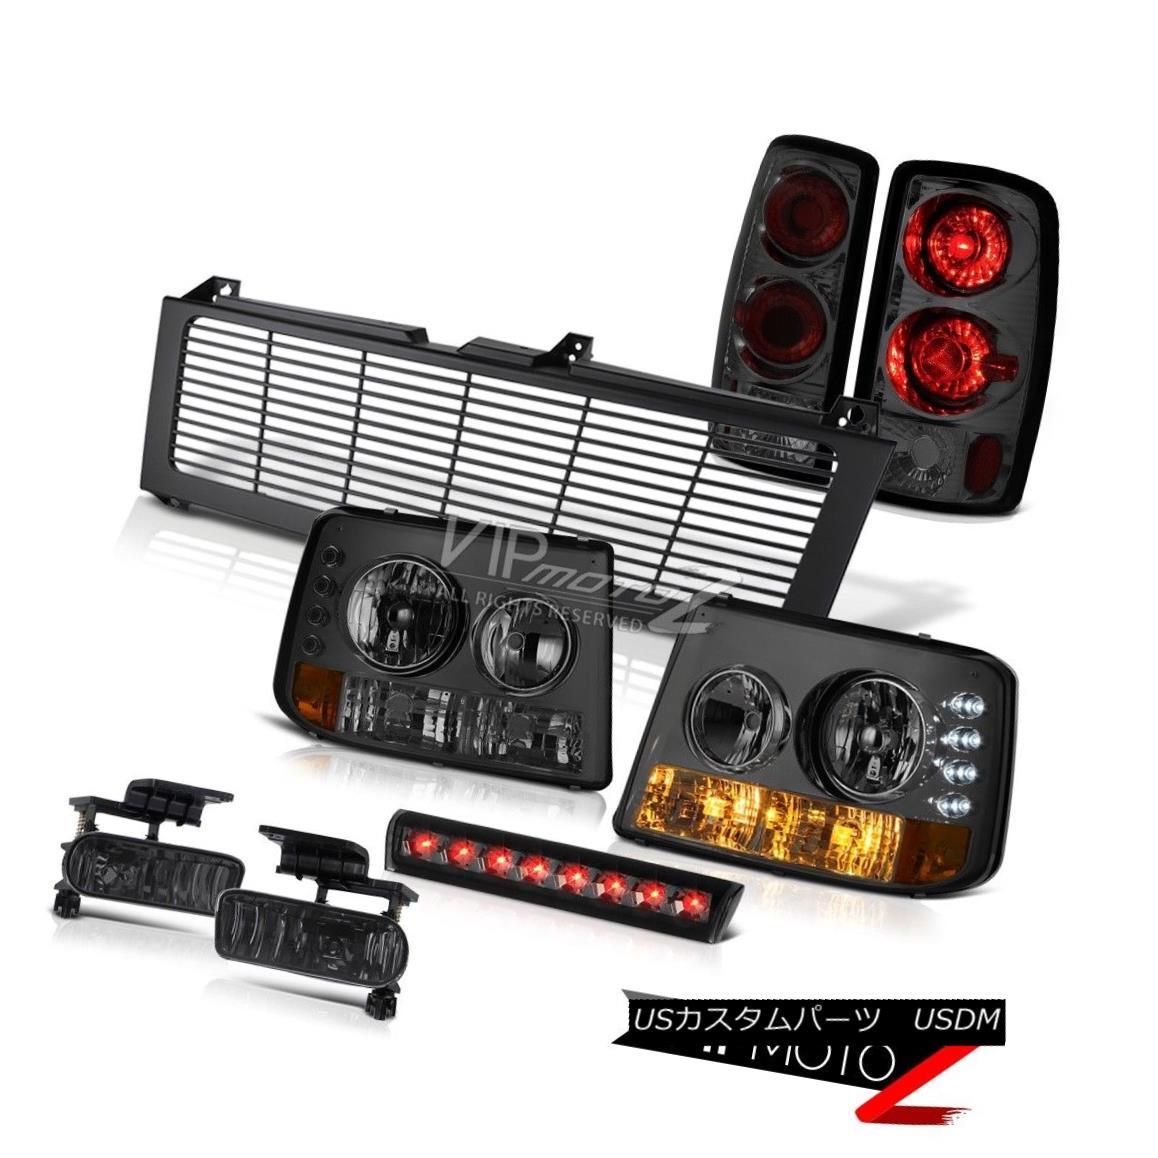 ヘッドライト Tinted Parking Headlamps Lights Smoke FogHigh Brake LED Black 00-06 Tahoe 5.3L 着色駐車場ヘッドライトライト煙FogHighブレーキLEDブラック00-06タホー5.3L